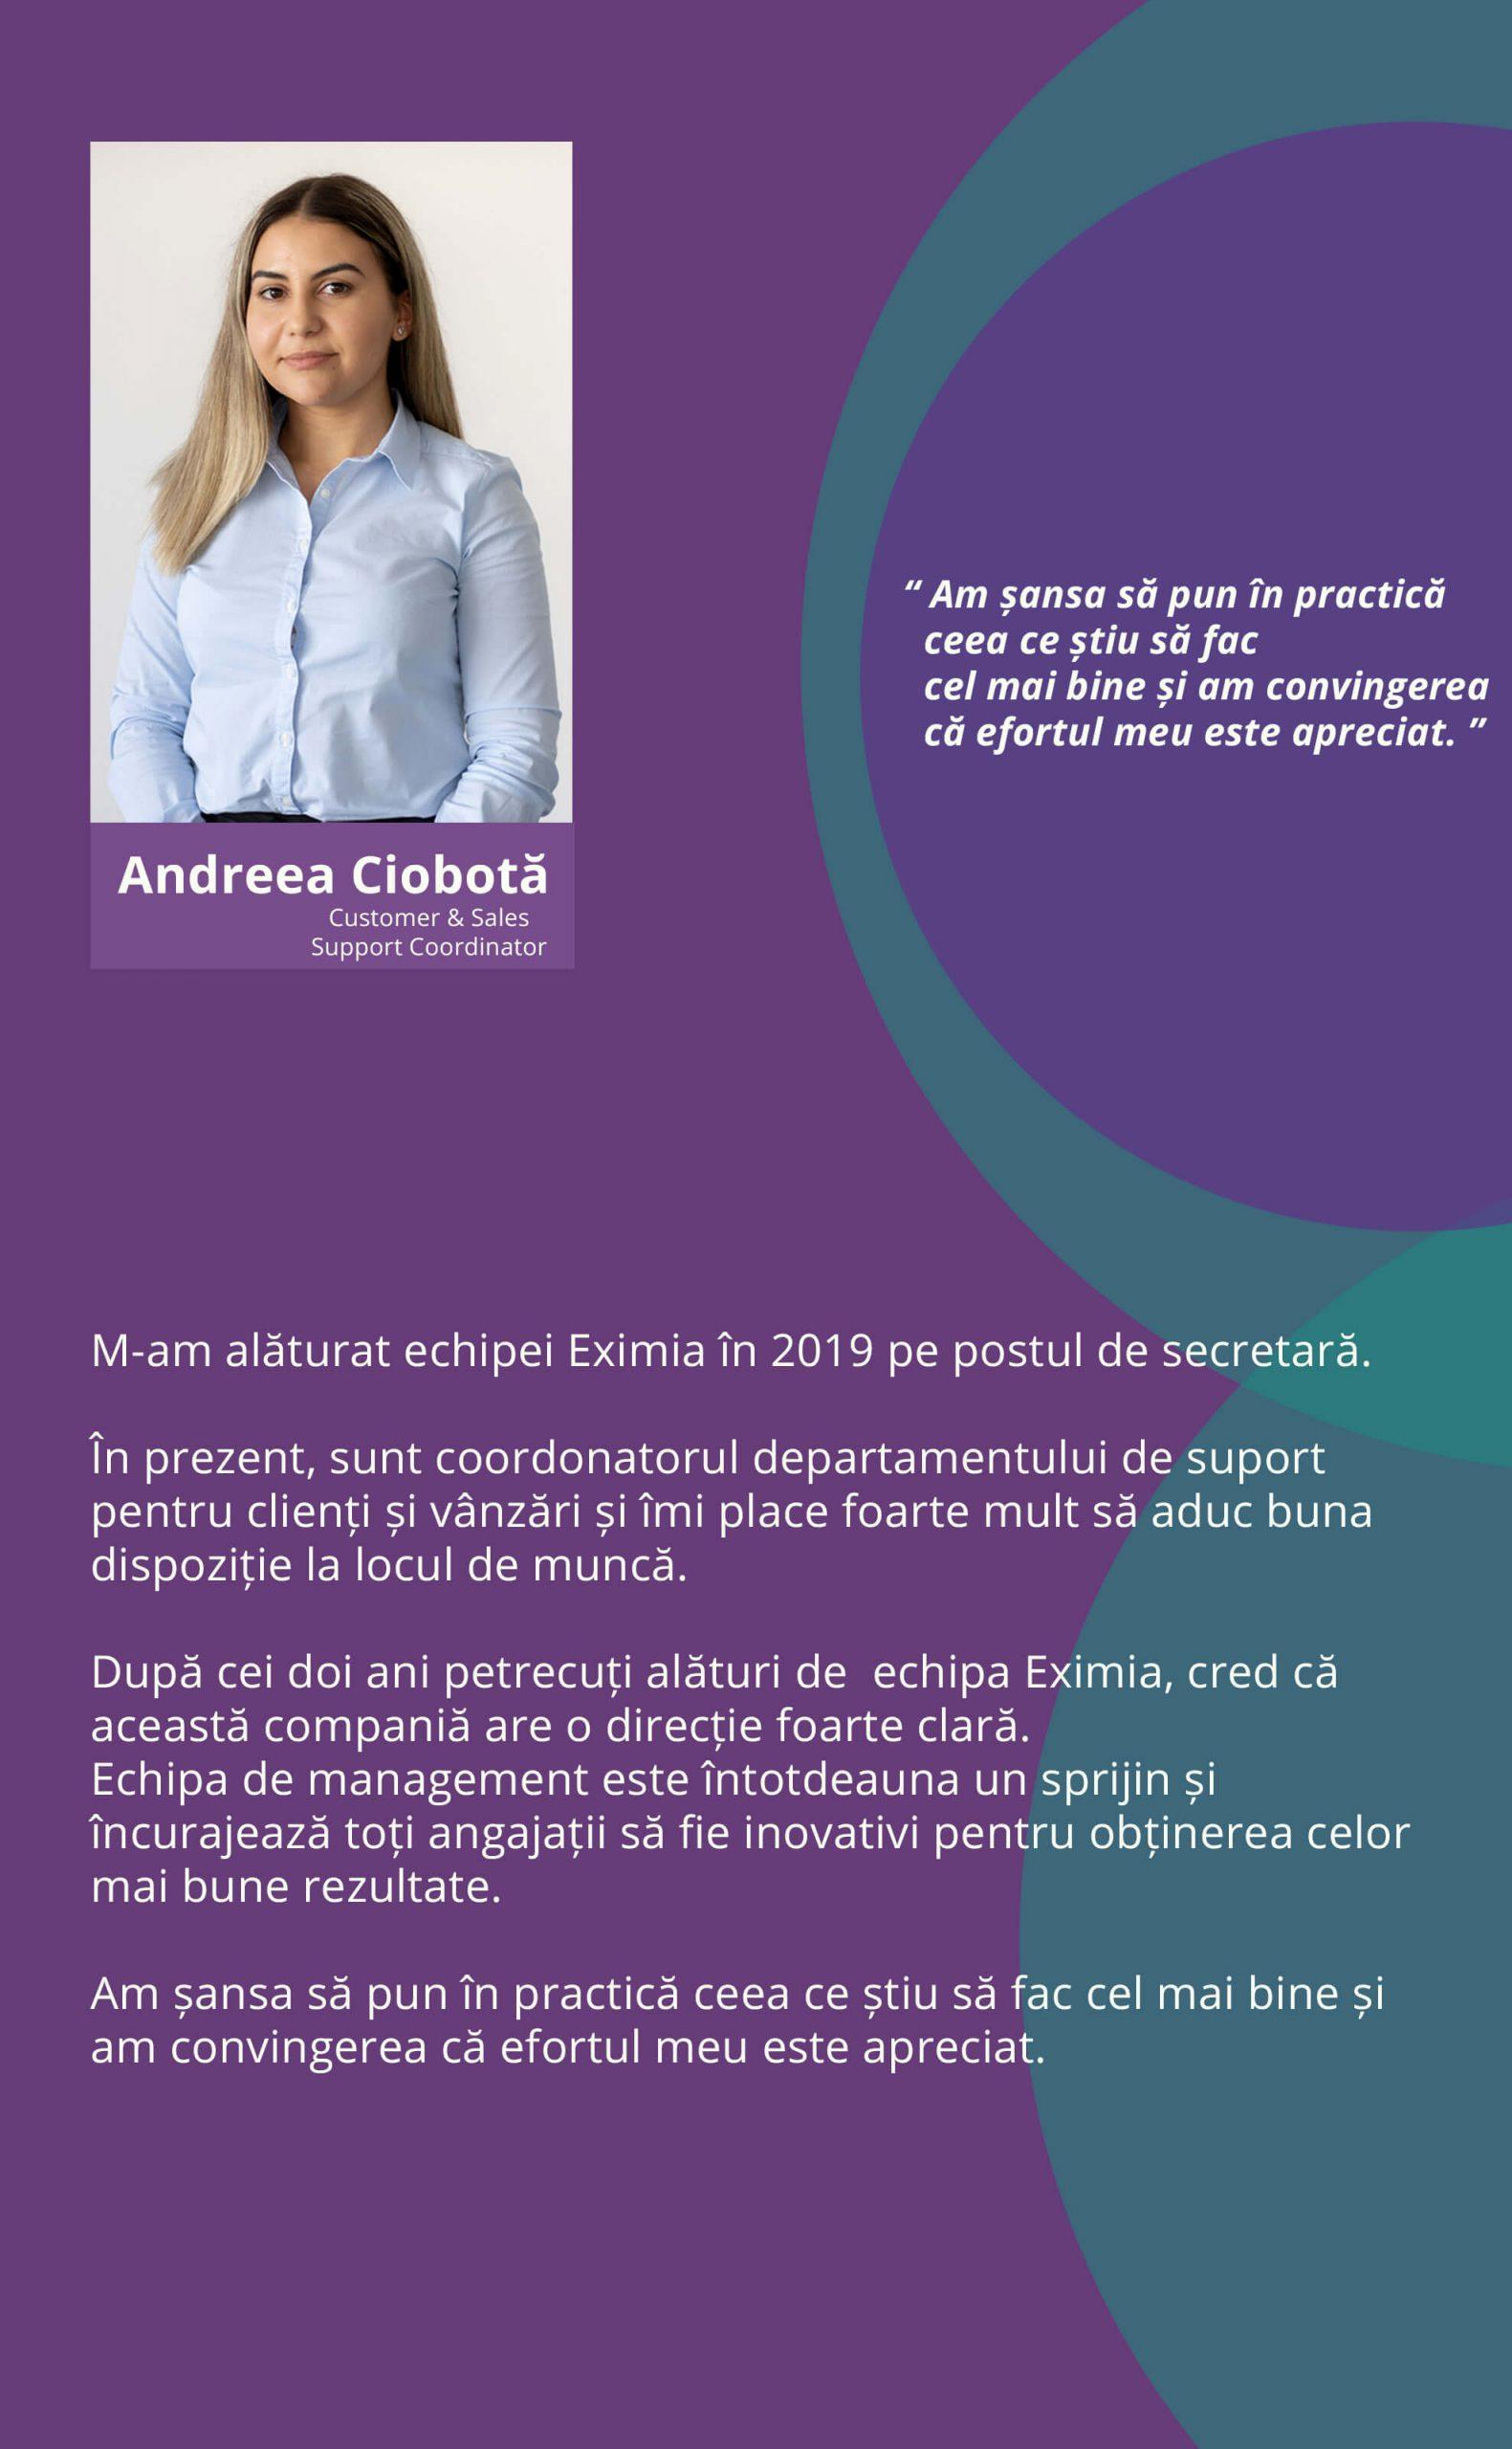 Andreea Ciobota